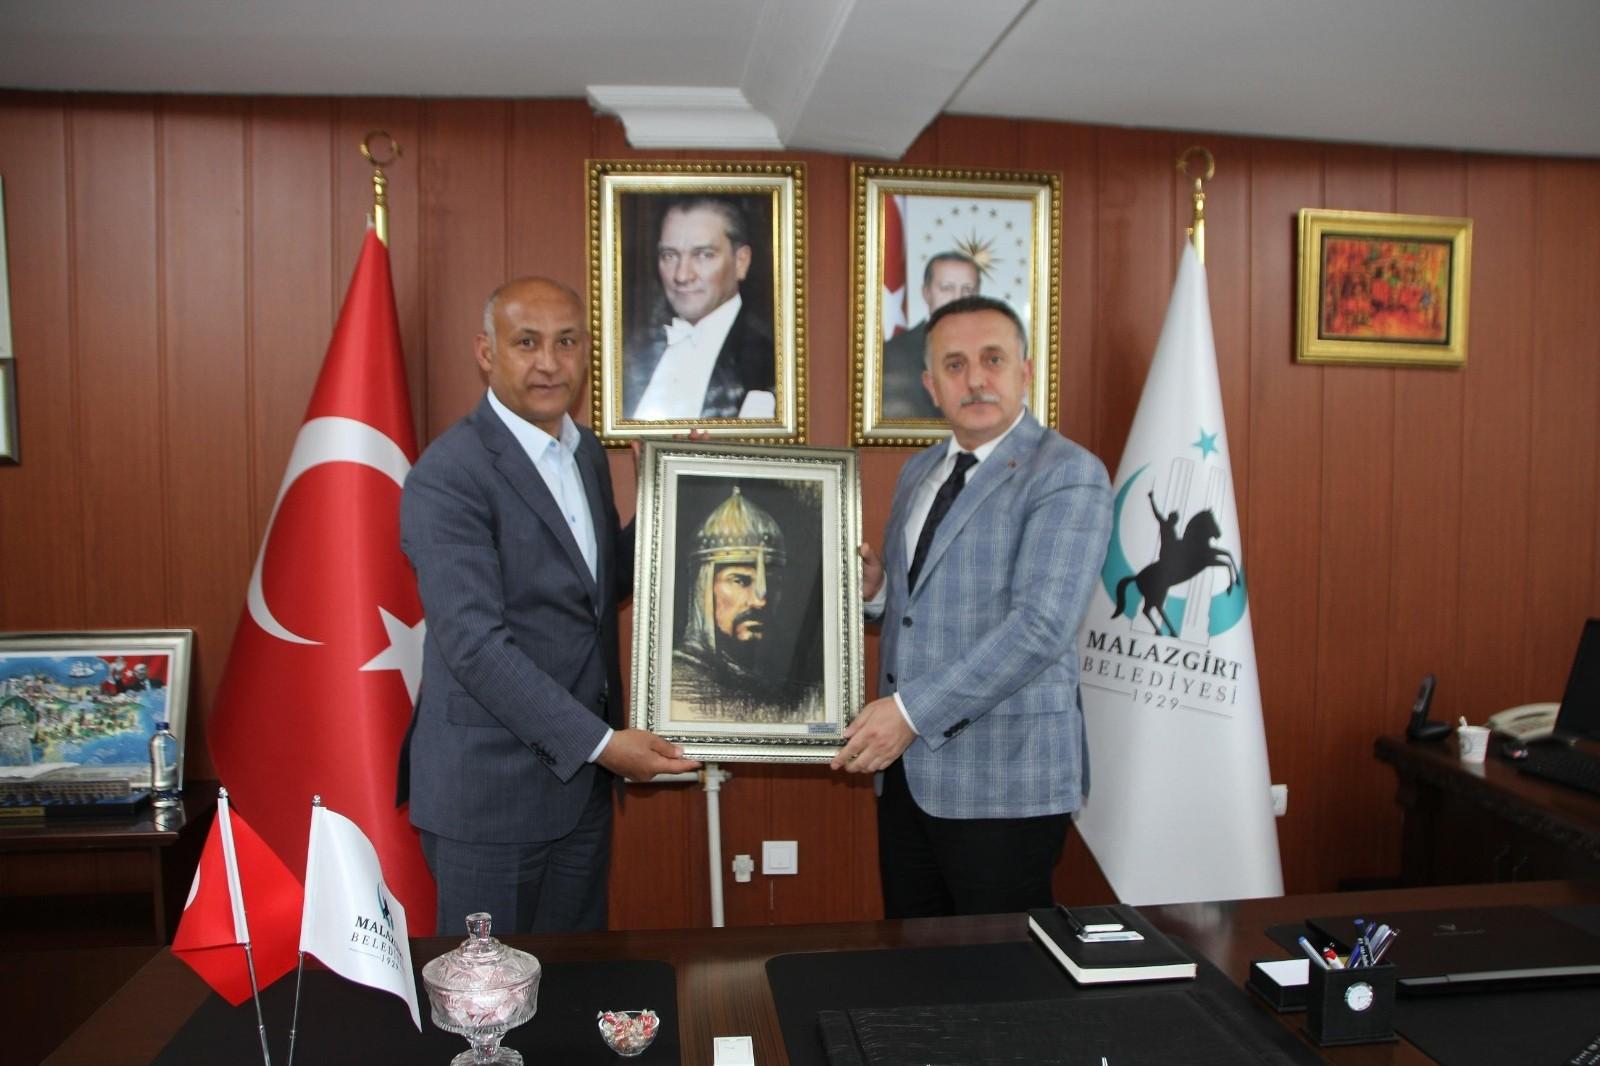 Bağcılar Belediye Başkanı Lokman Çağırıcı Malazgirt'te